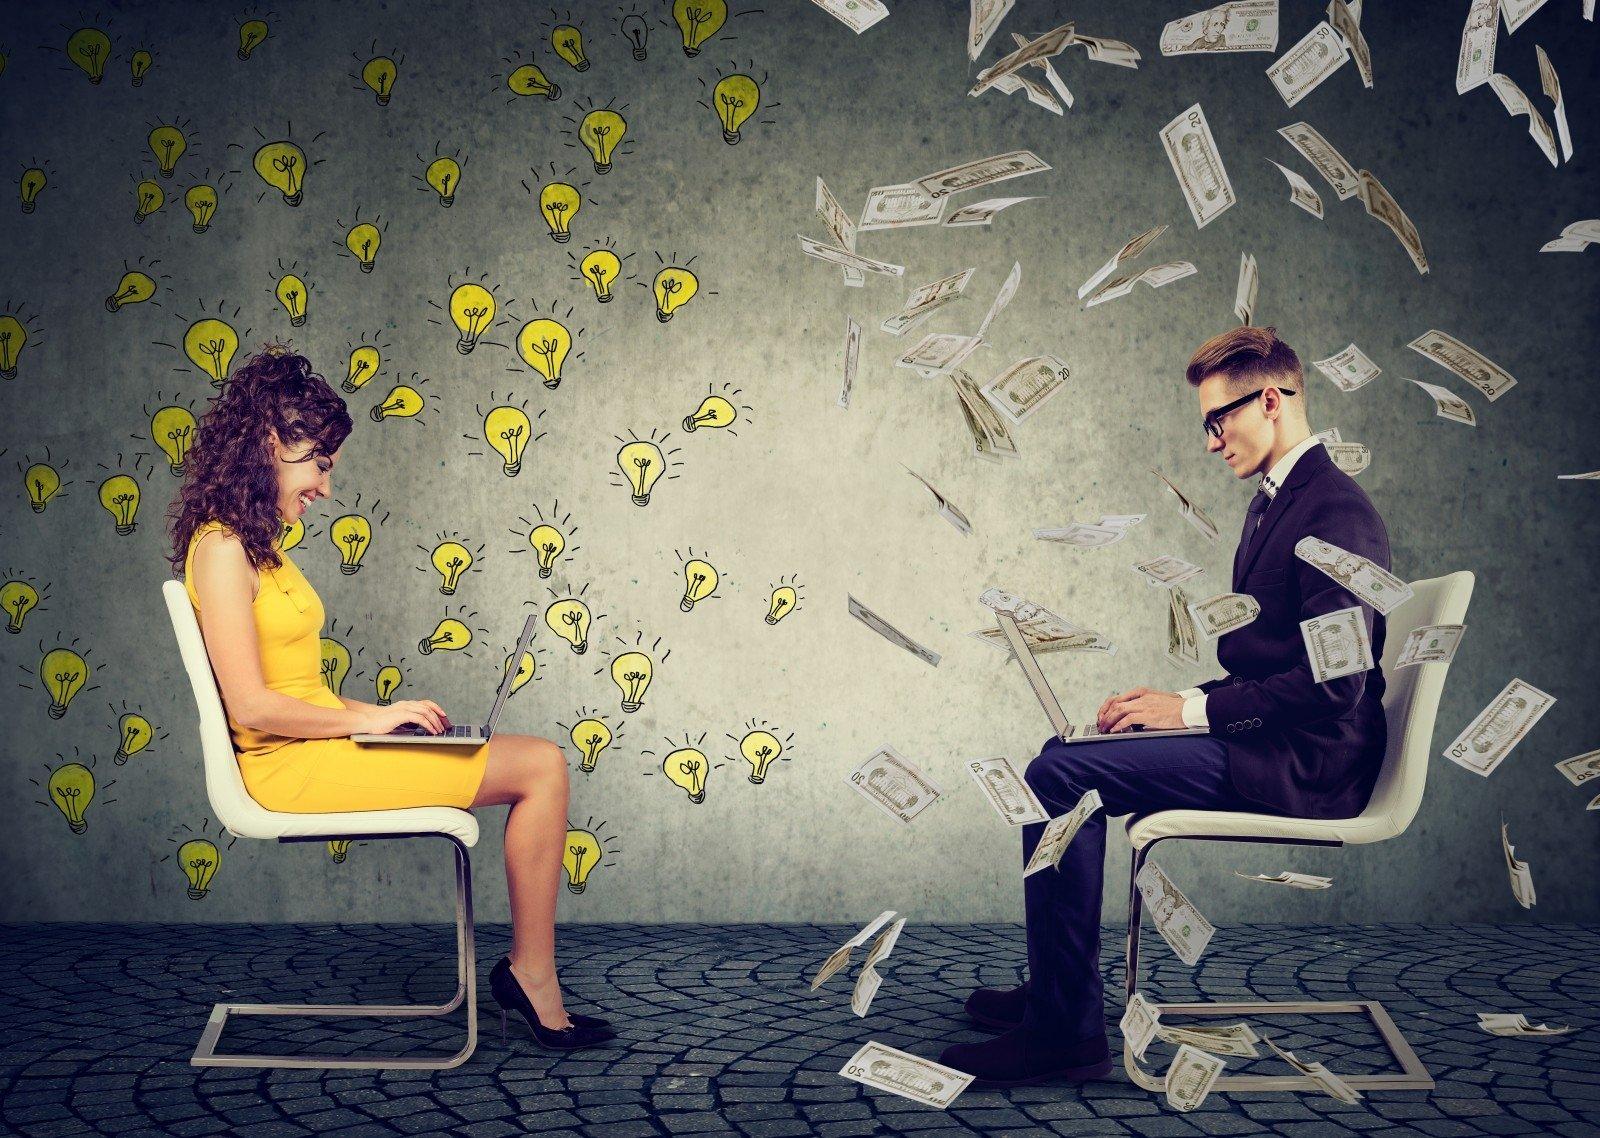 ar įmanoma užsidirbti pinigų keičiantis elektroniniais pinigais?